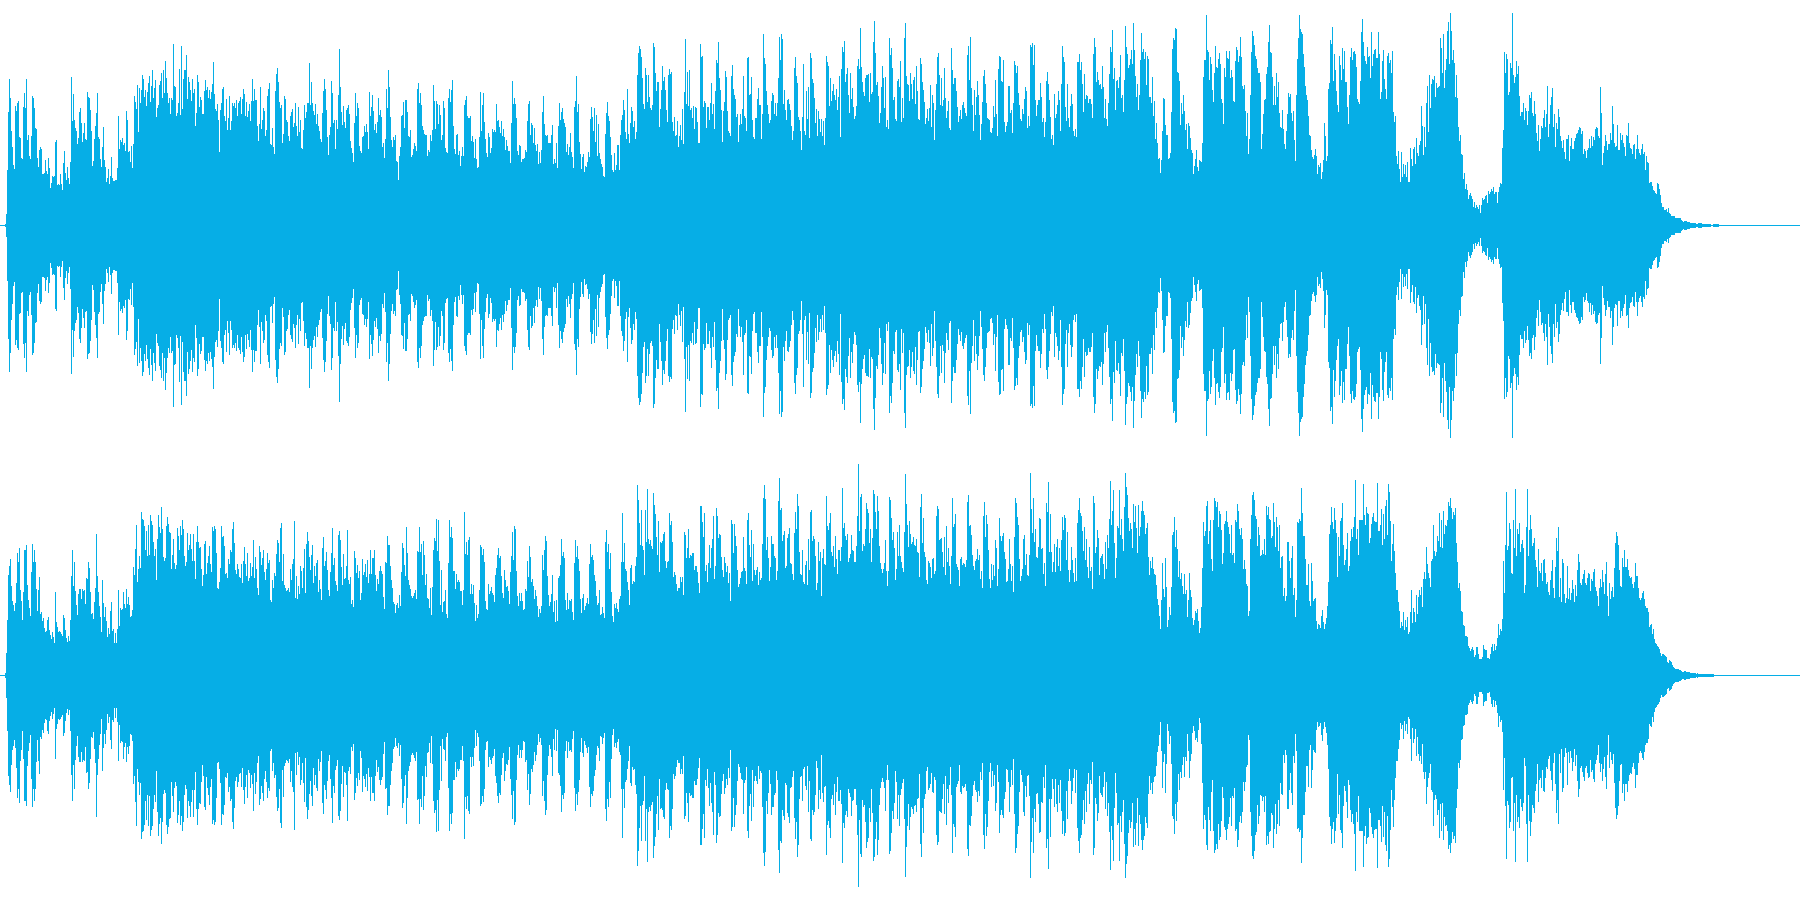 勇壮な合唱オーケストラ:フル版の再生済みの波形